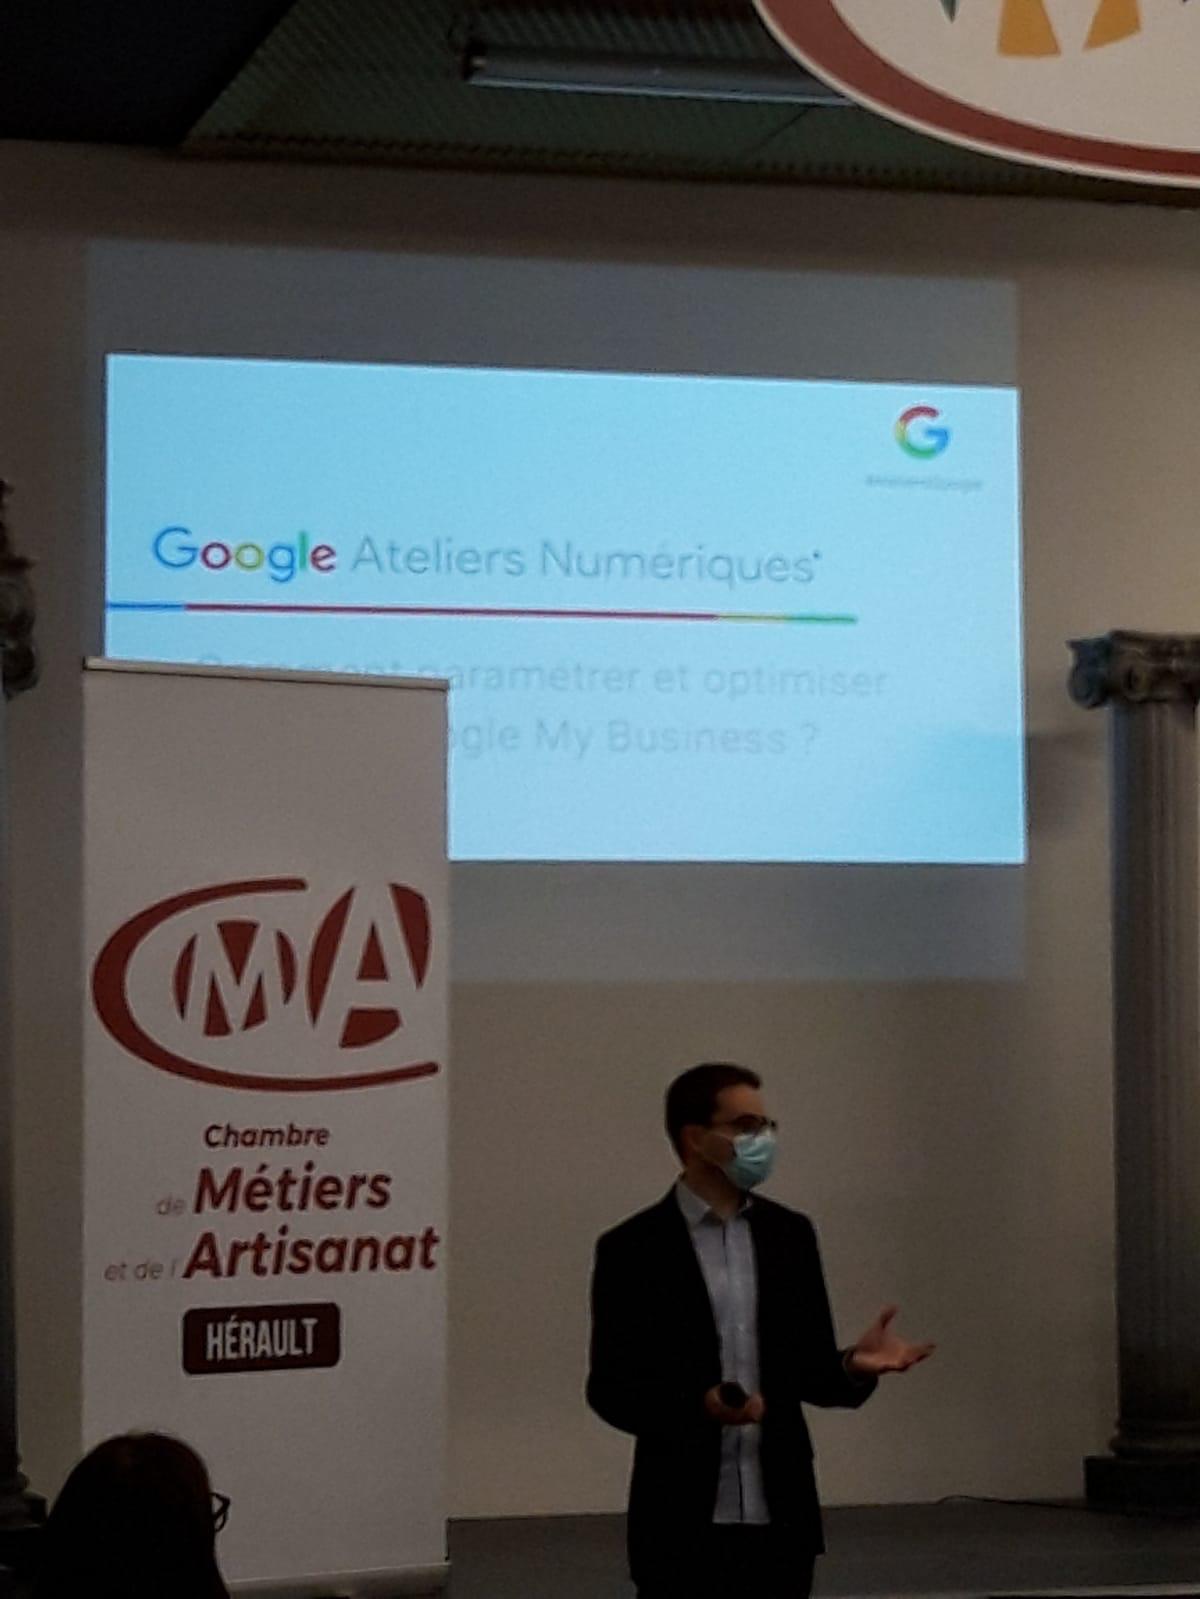 Ateliers Numériques Google à la CMA34